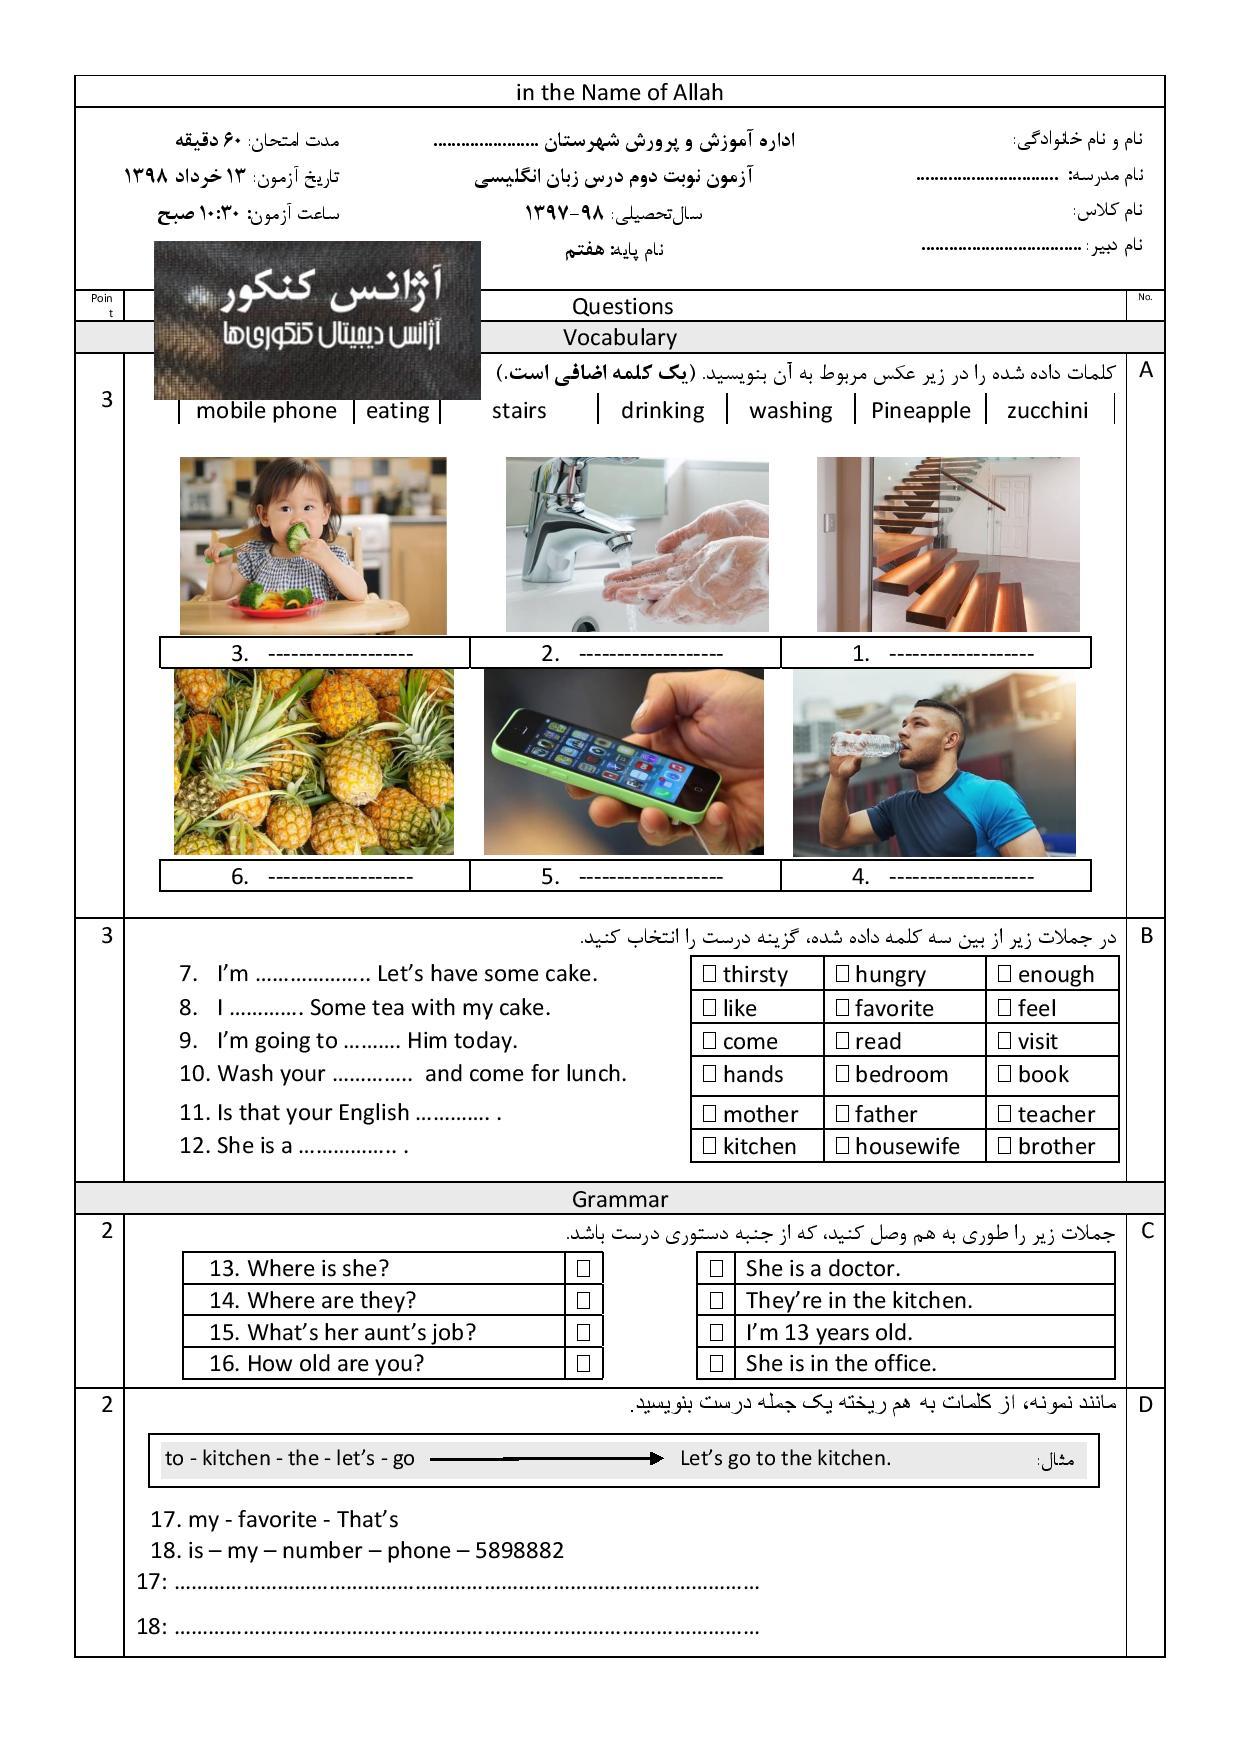 عکس-page-001